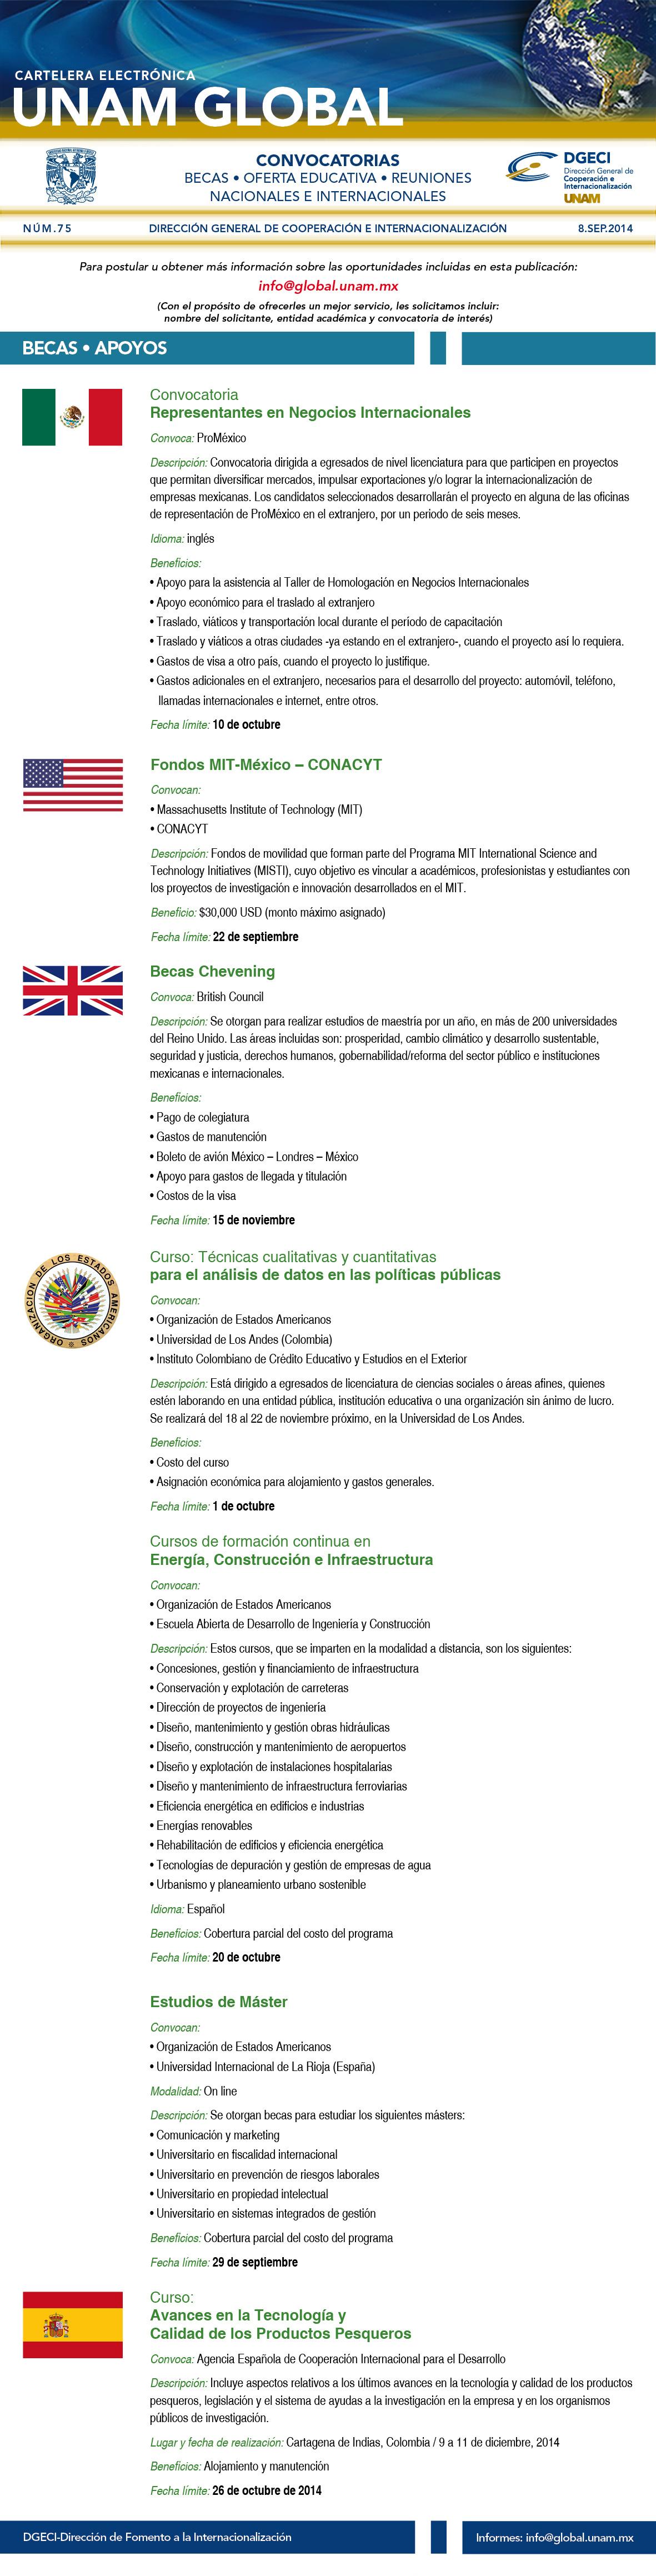 cartelera_75